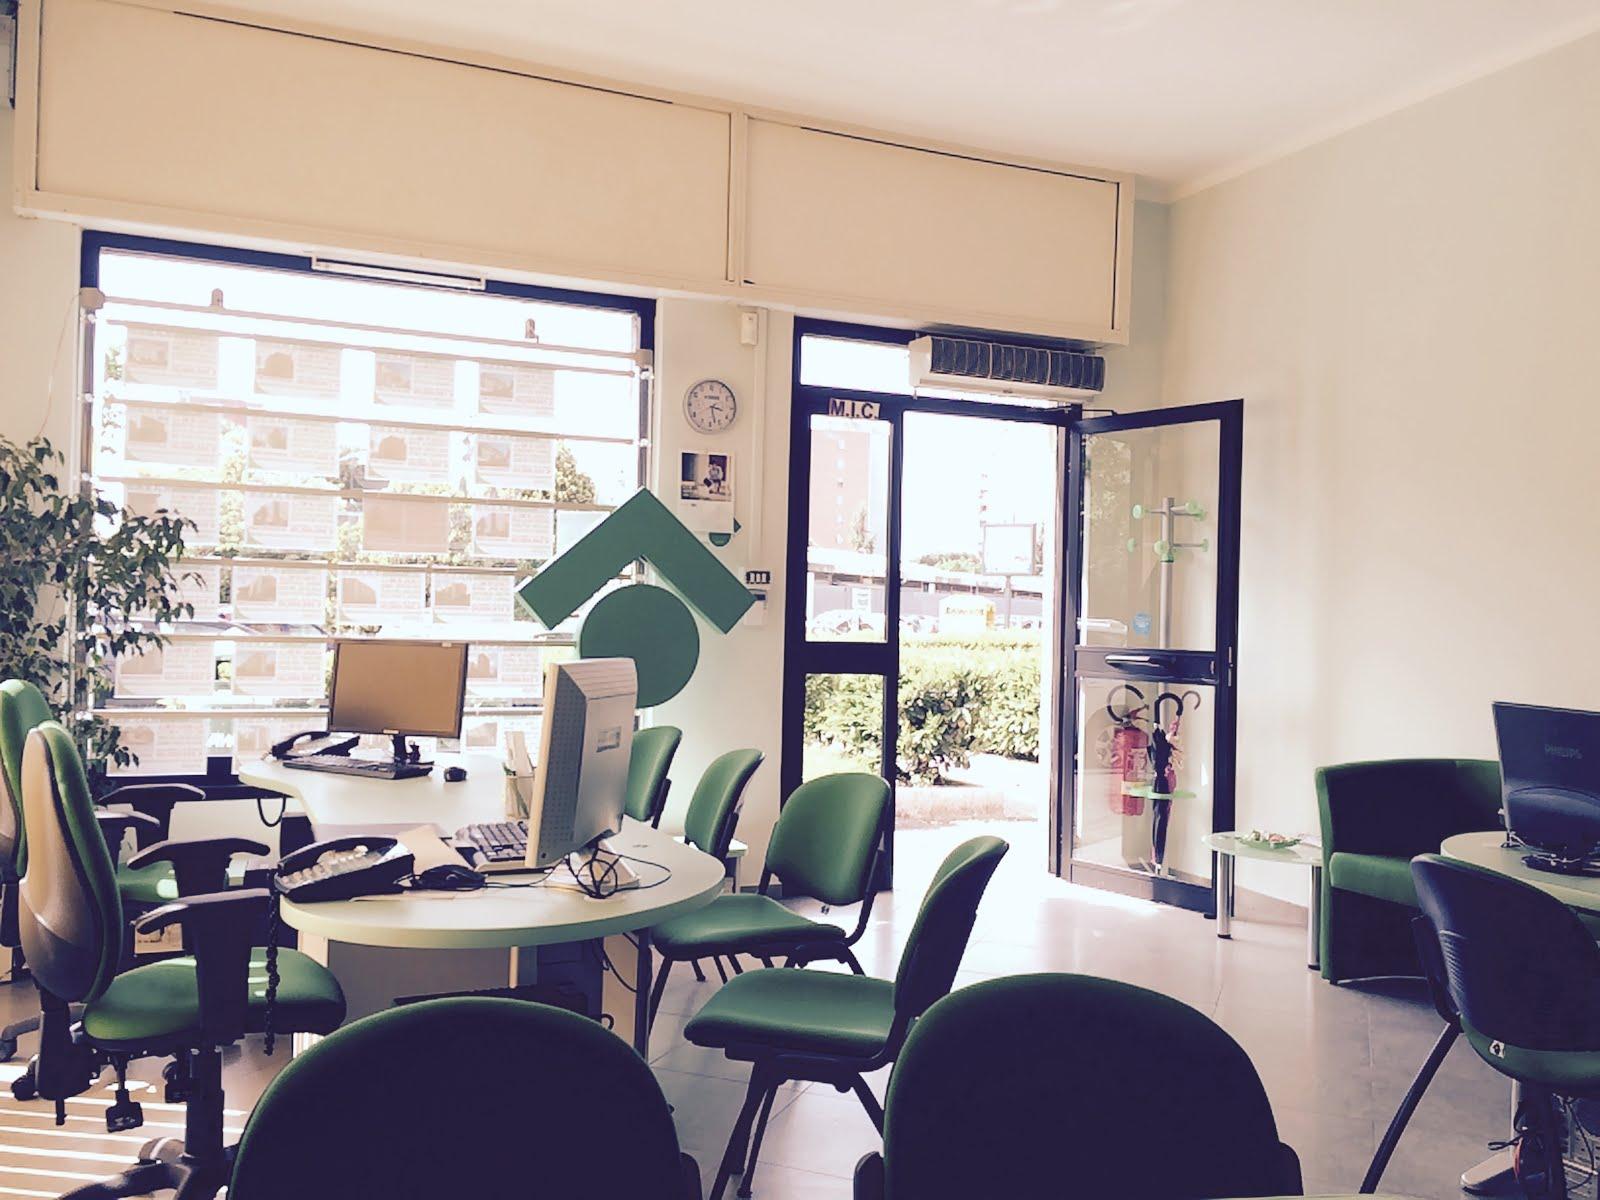 Agenzia tecnocasa roma centocelle villa de sanctis for Cerco ufficio a roma